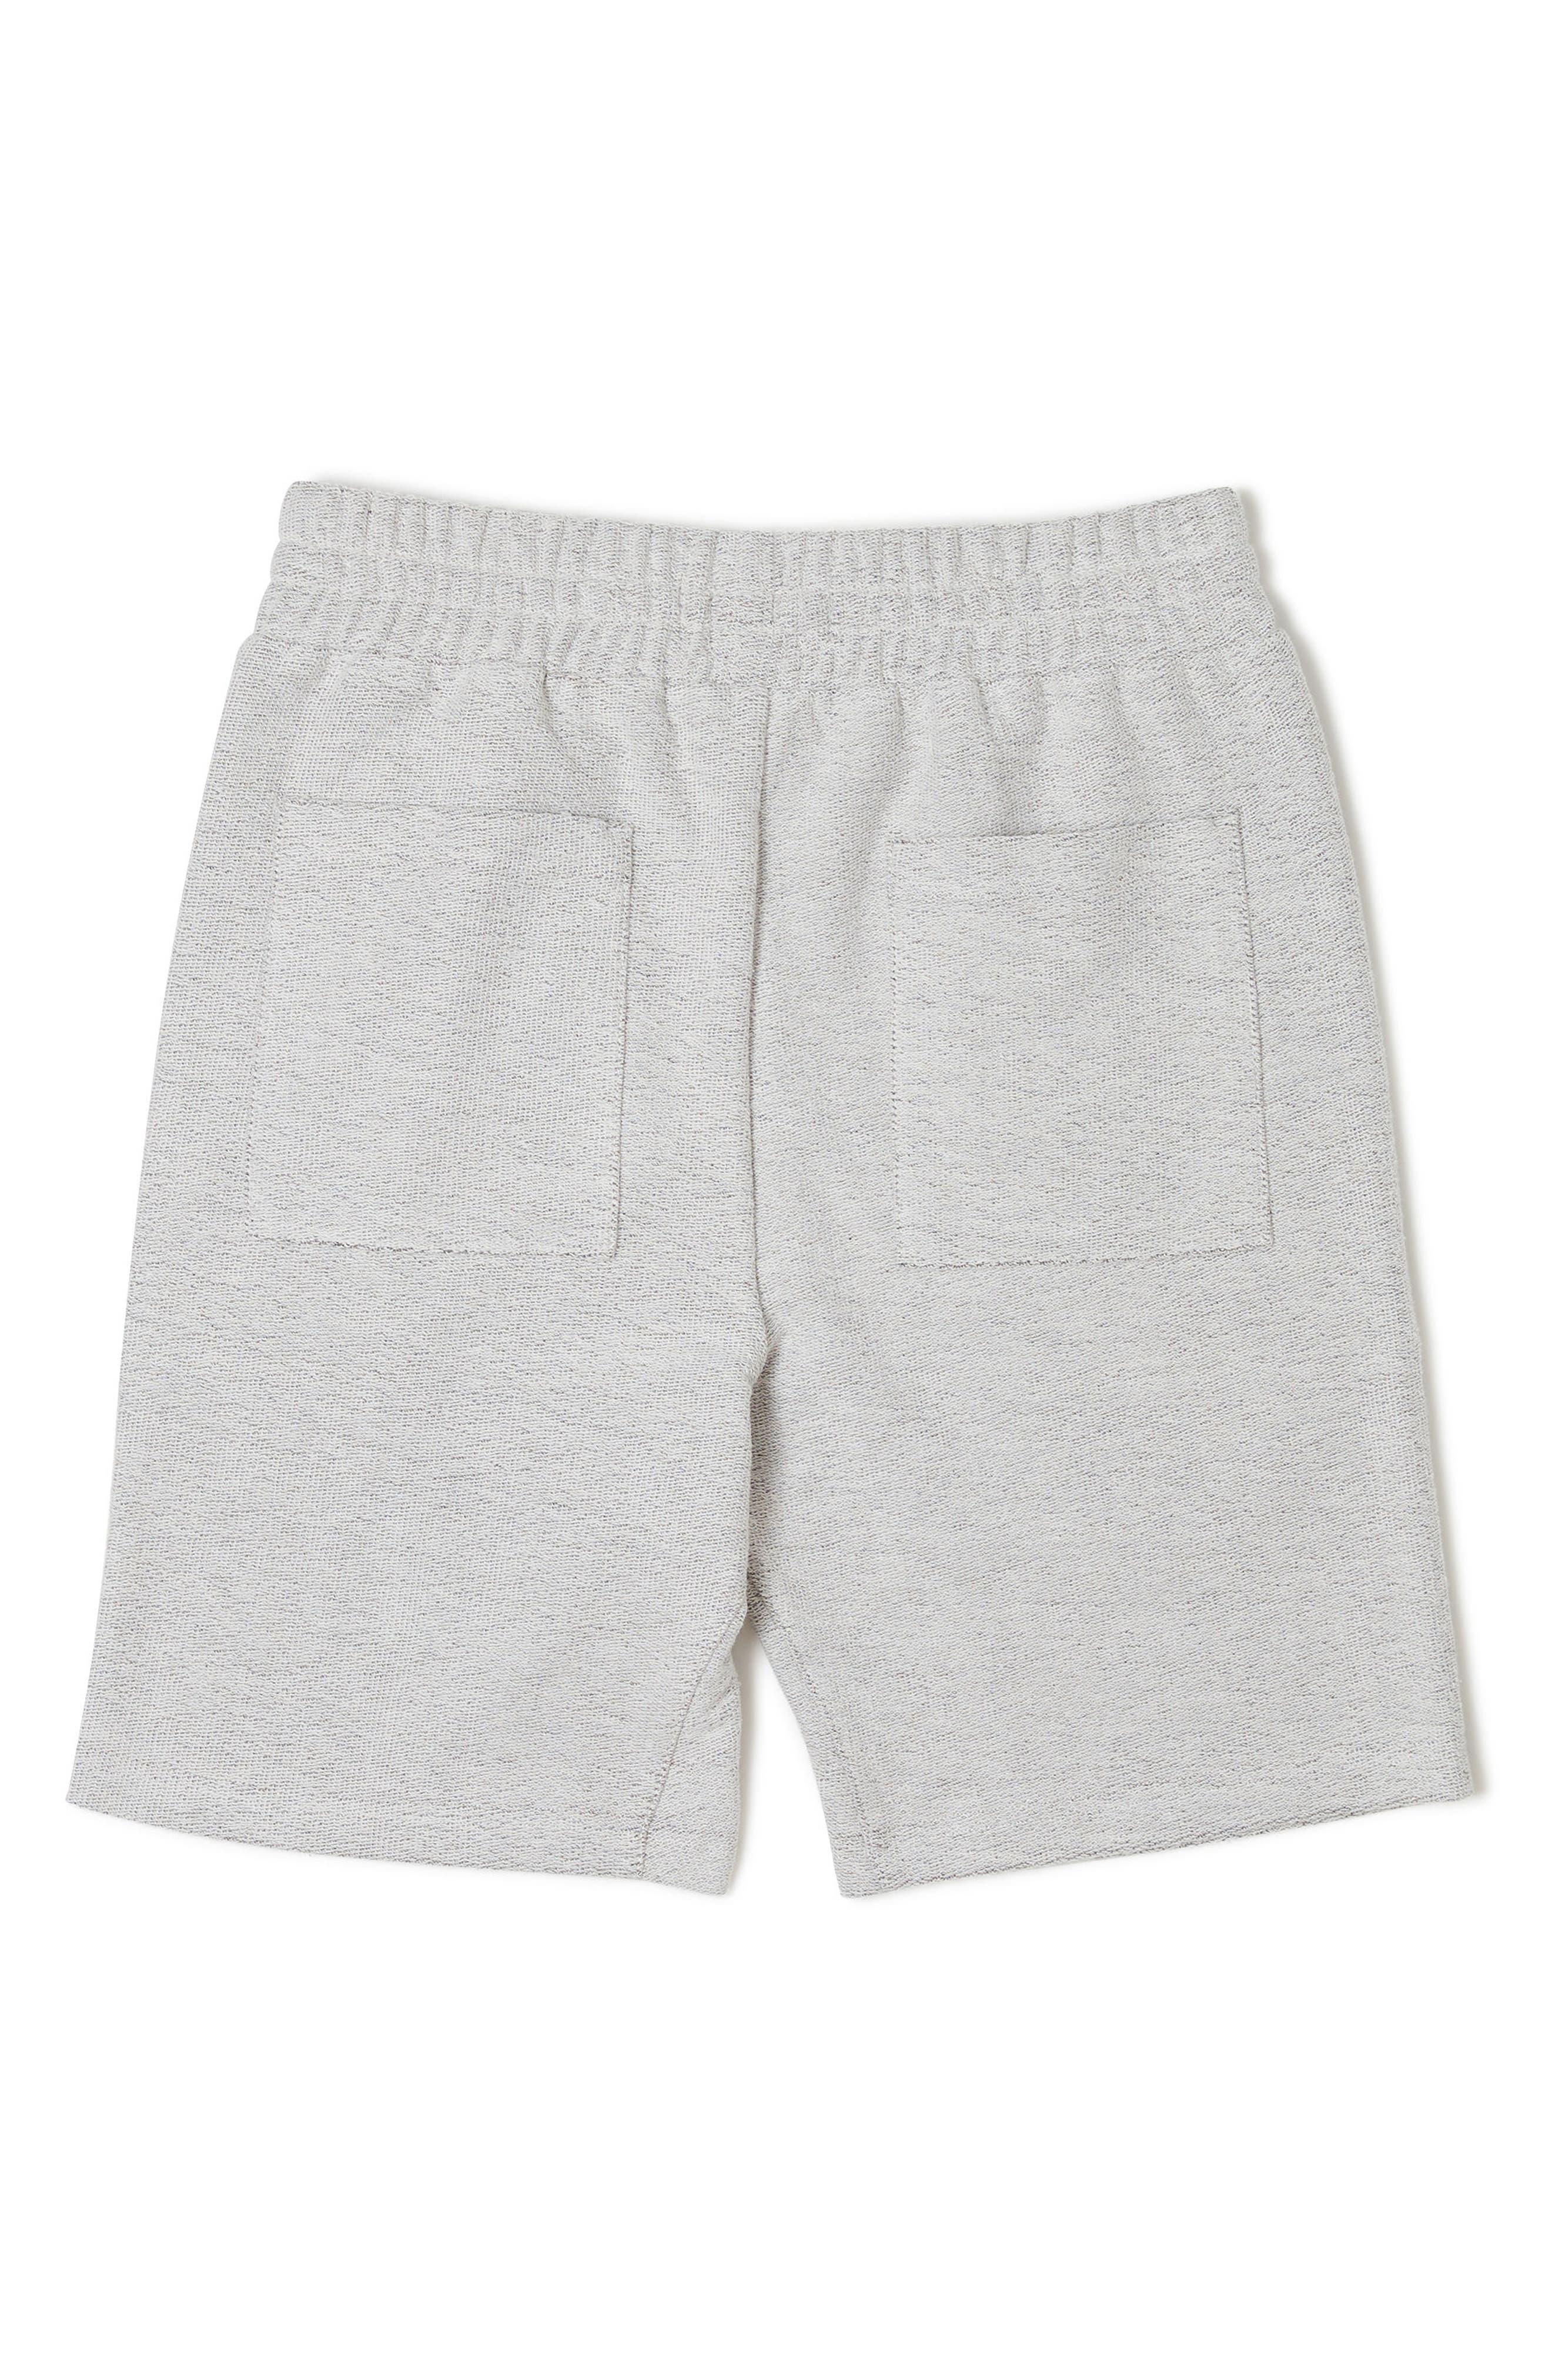 Cruise Knit Shorts,                             Alternate thumbnail 2, color,                             Natural